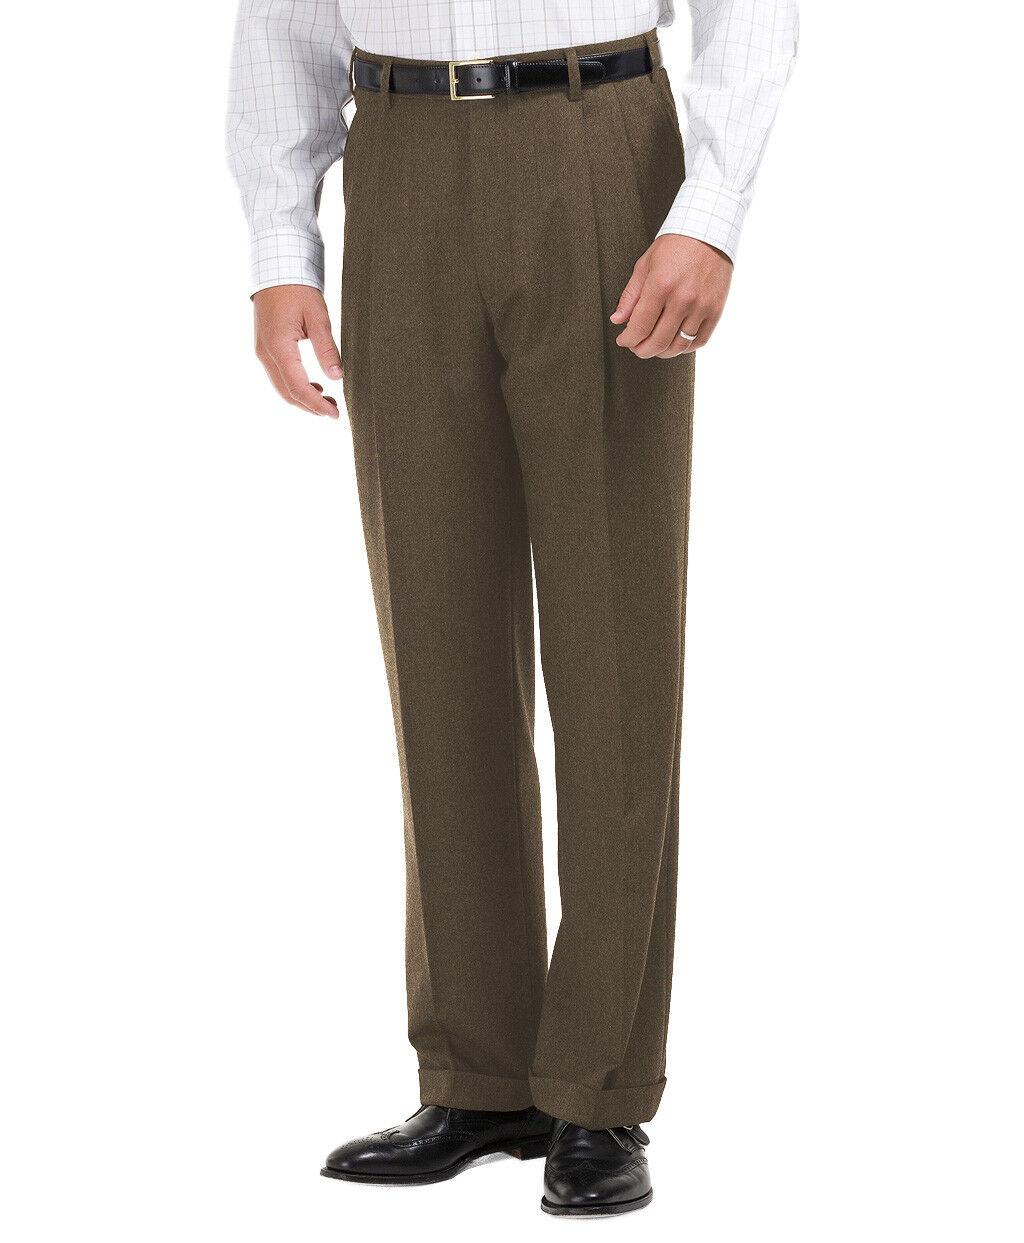 Brooks Bredhers Mens Taupe Brown Wool Pleated Cuffed Dress Pants 34W  30L 5443-4